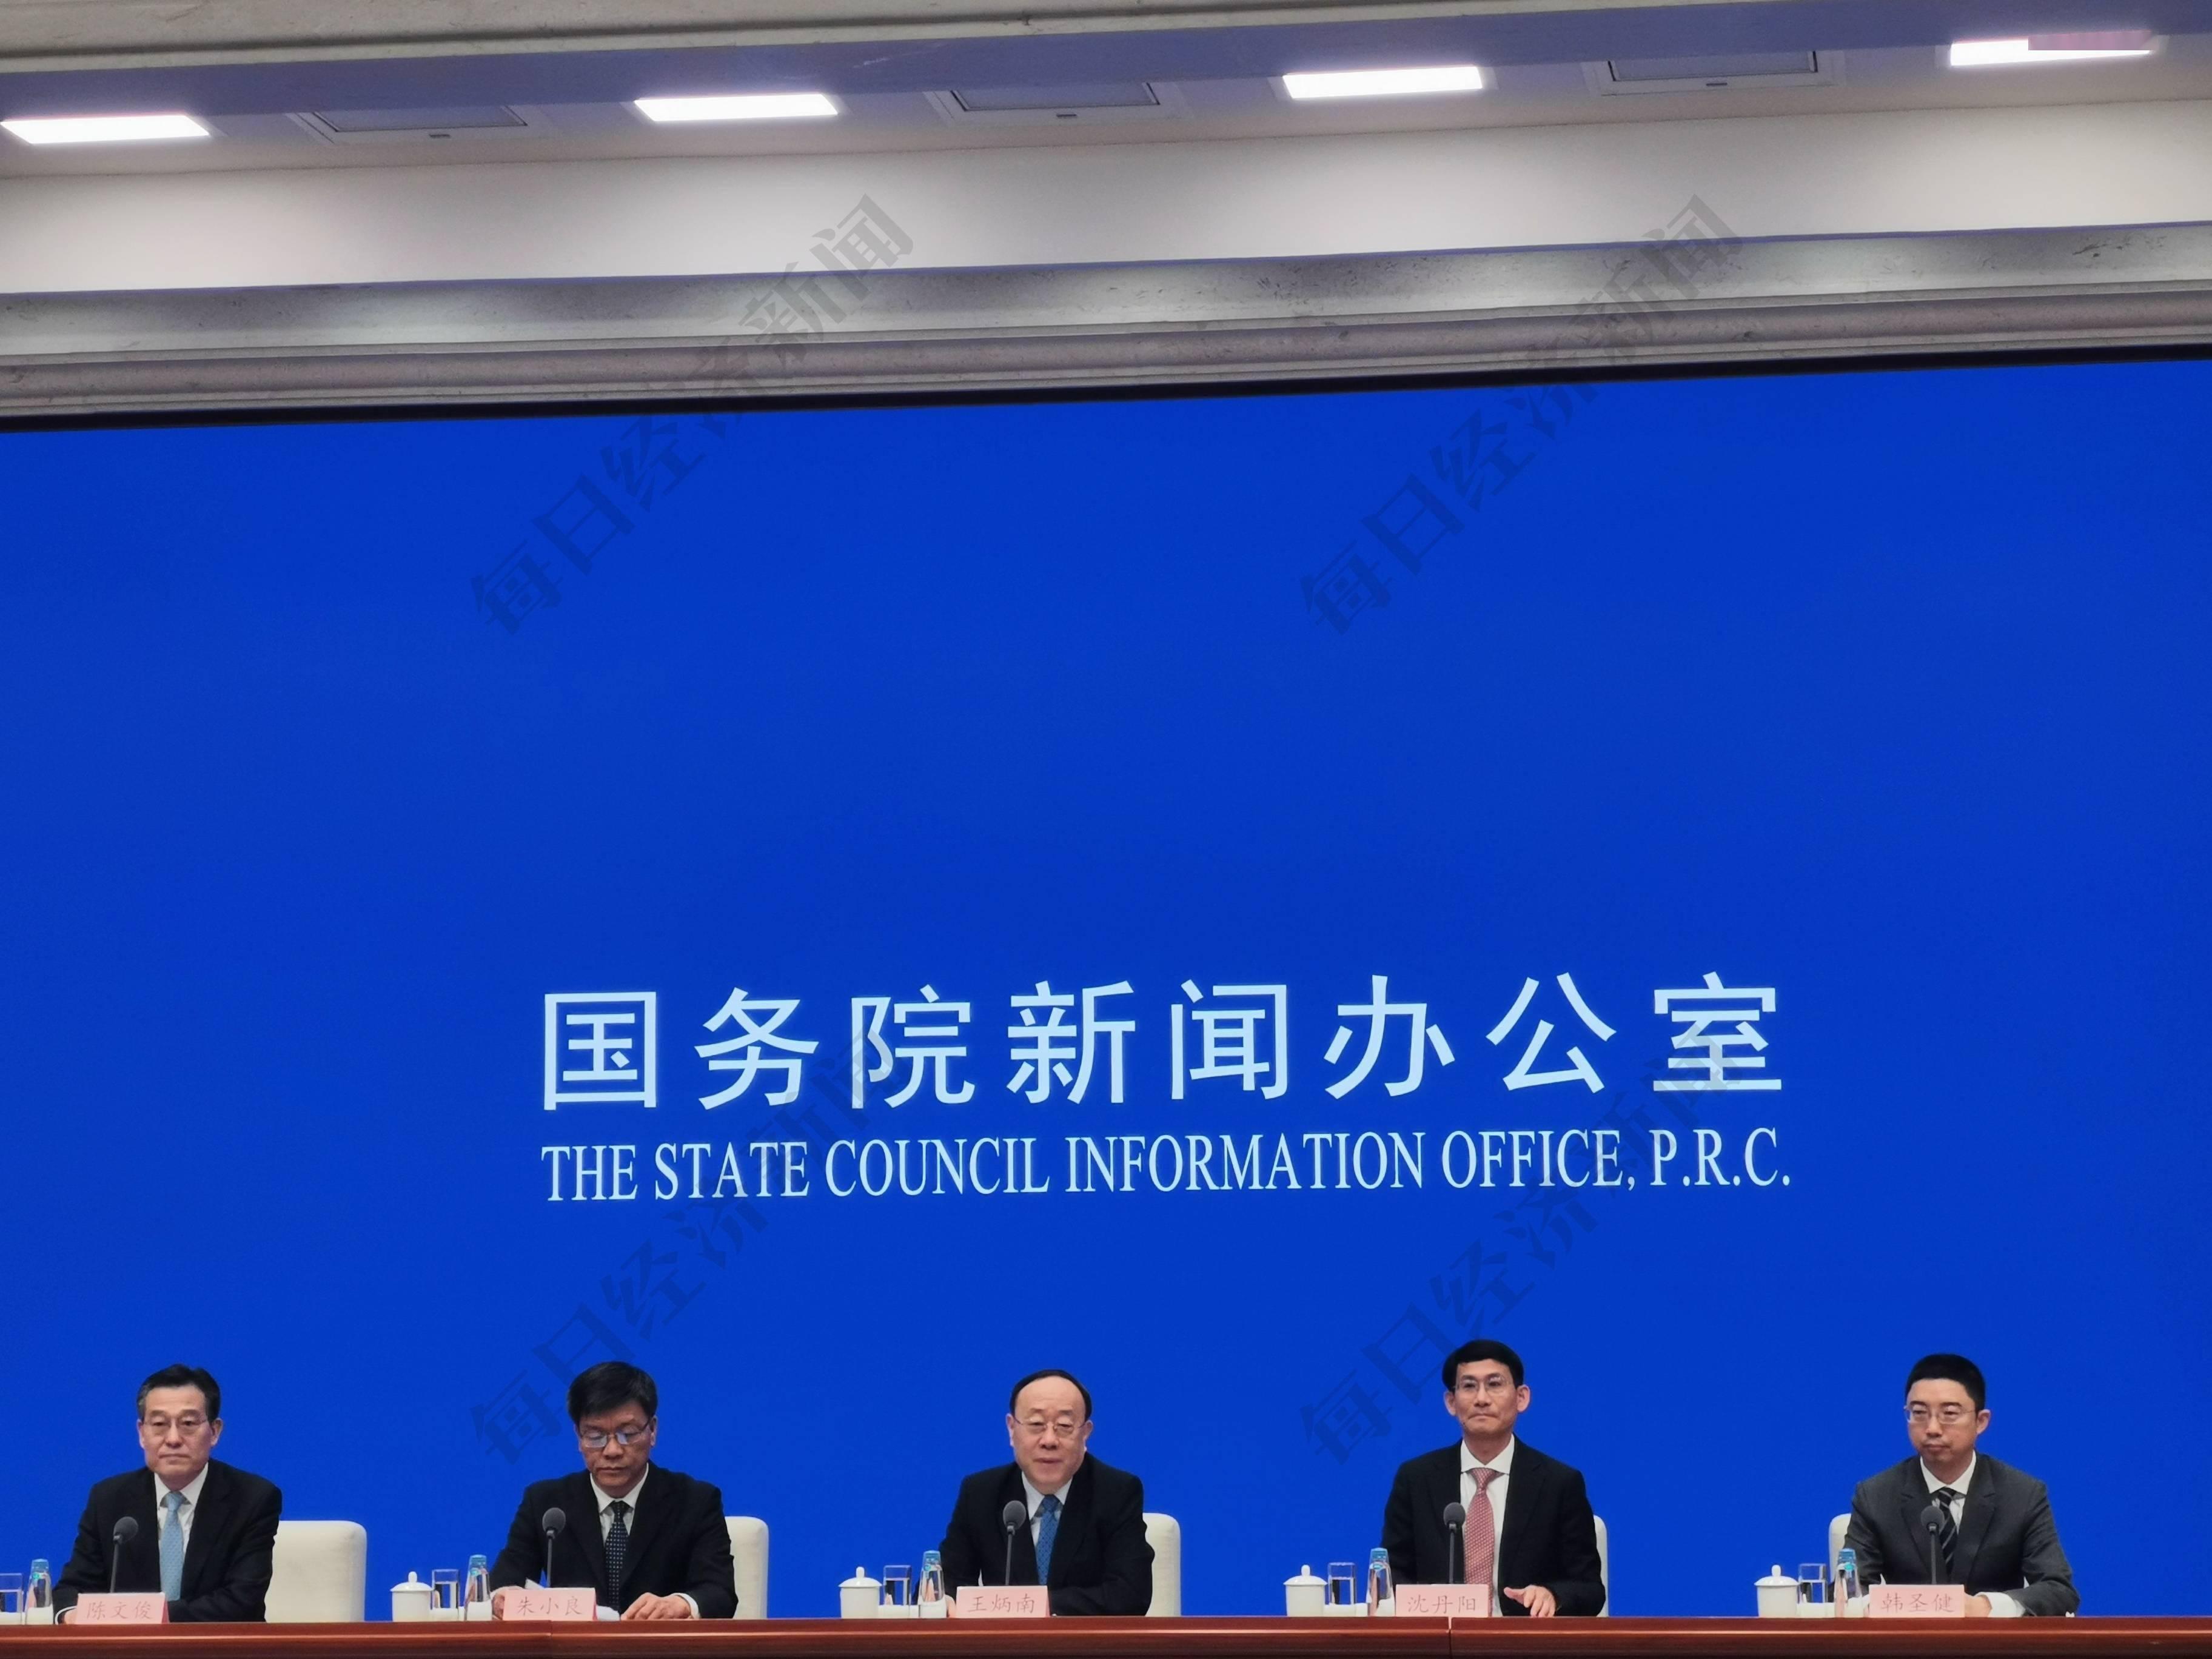 第一届消博会落地式海南省贷款展期内一定总数、一定额度